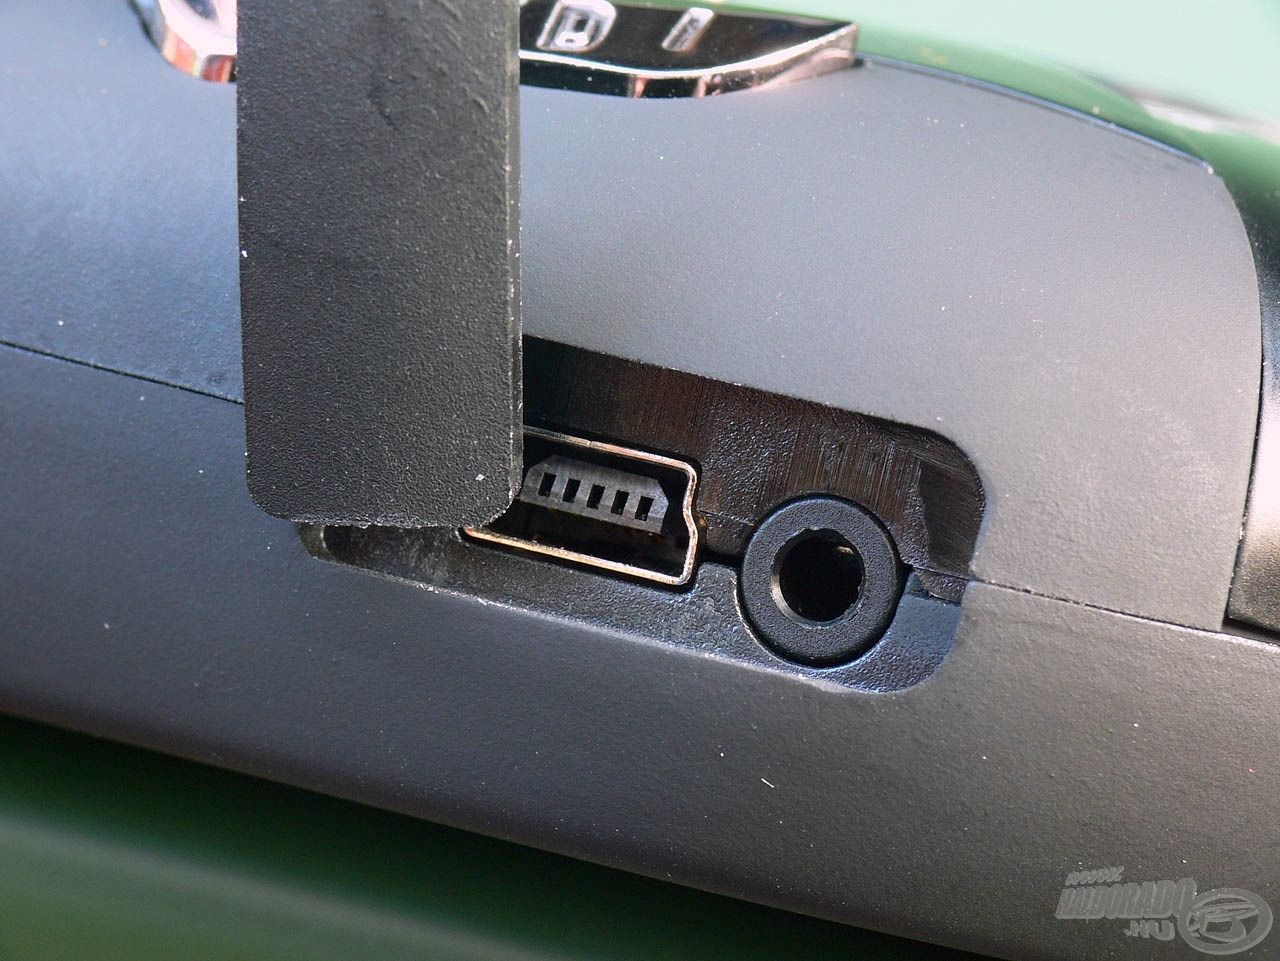 A gumis fedlap rejti a töltő csatlakozót